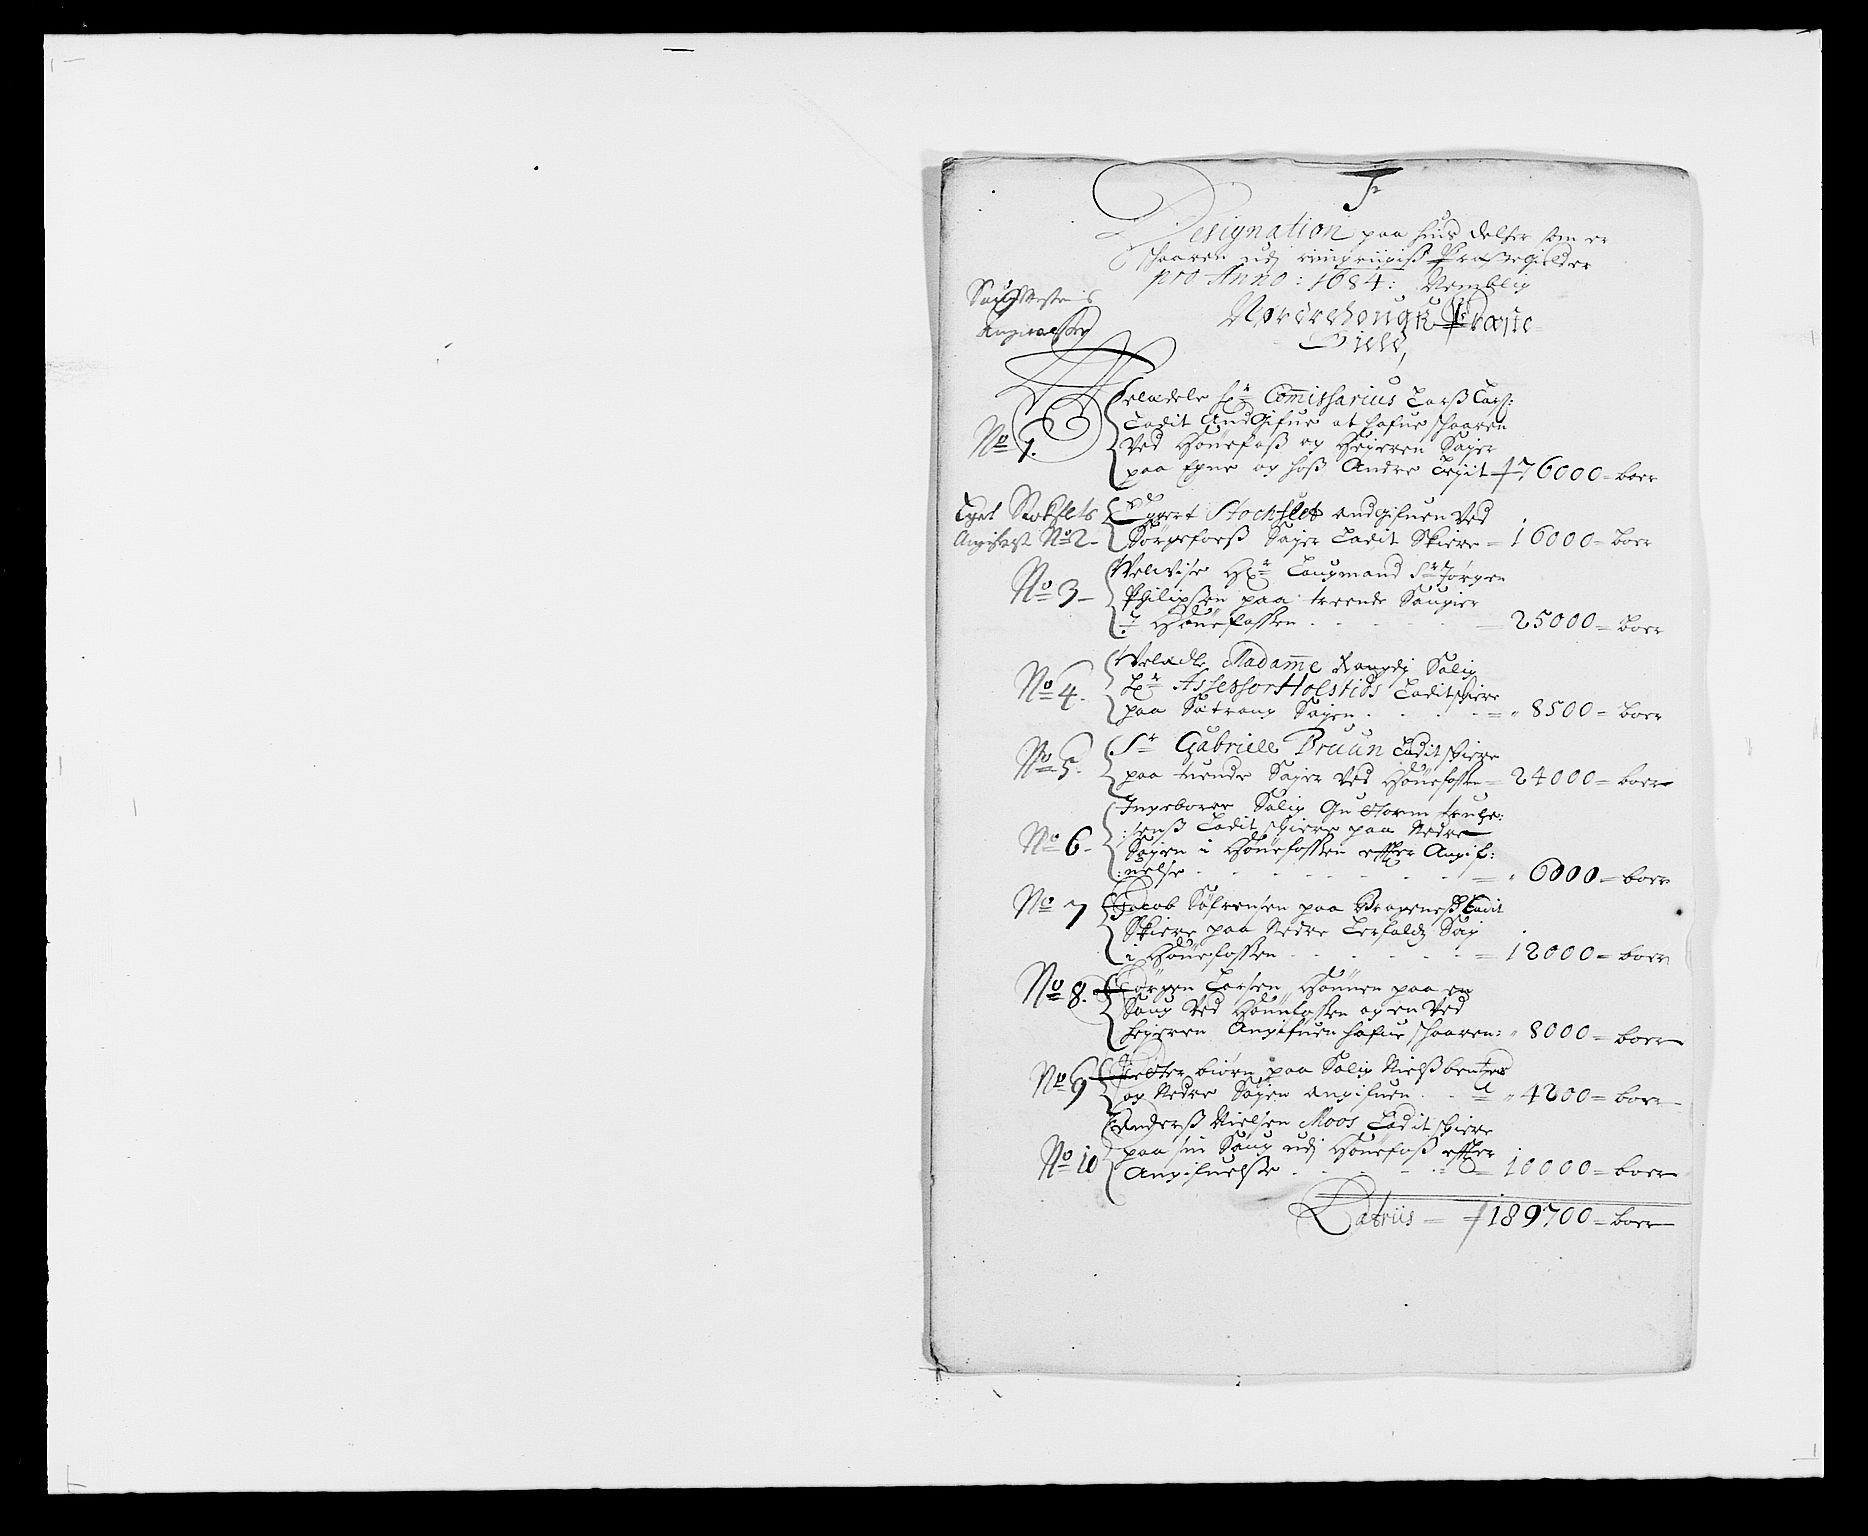 RA, Rentekammeret inntil 1814, Reviderte regnskaper, Fogderegnskap, R21/L1446: Fogderegnskap Ringerike og Hallingdal, 1683-1686, s. 220